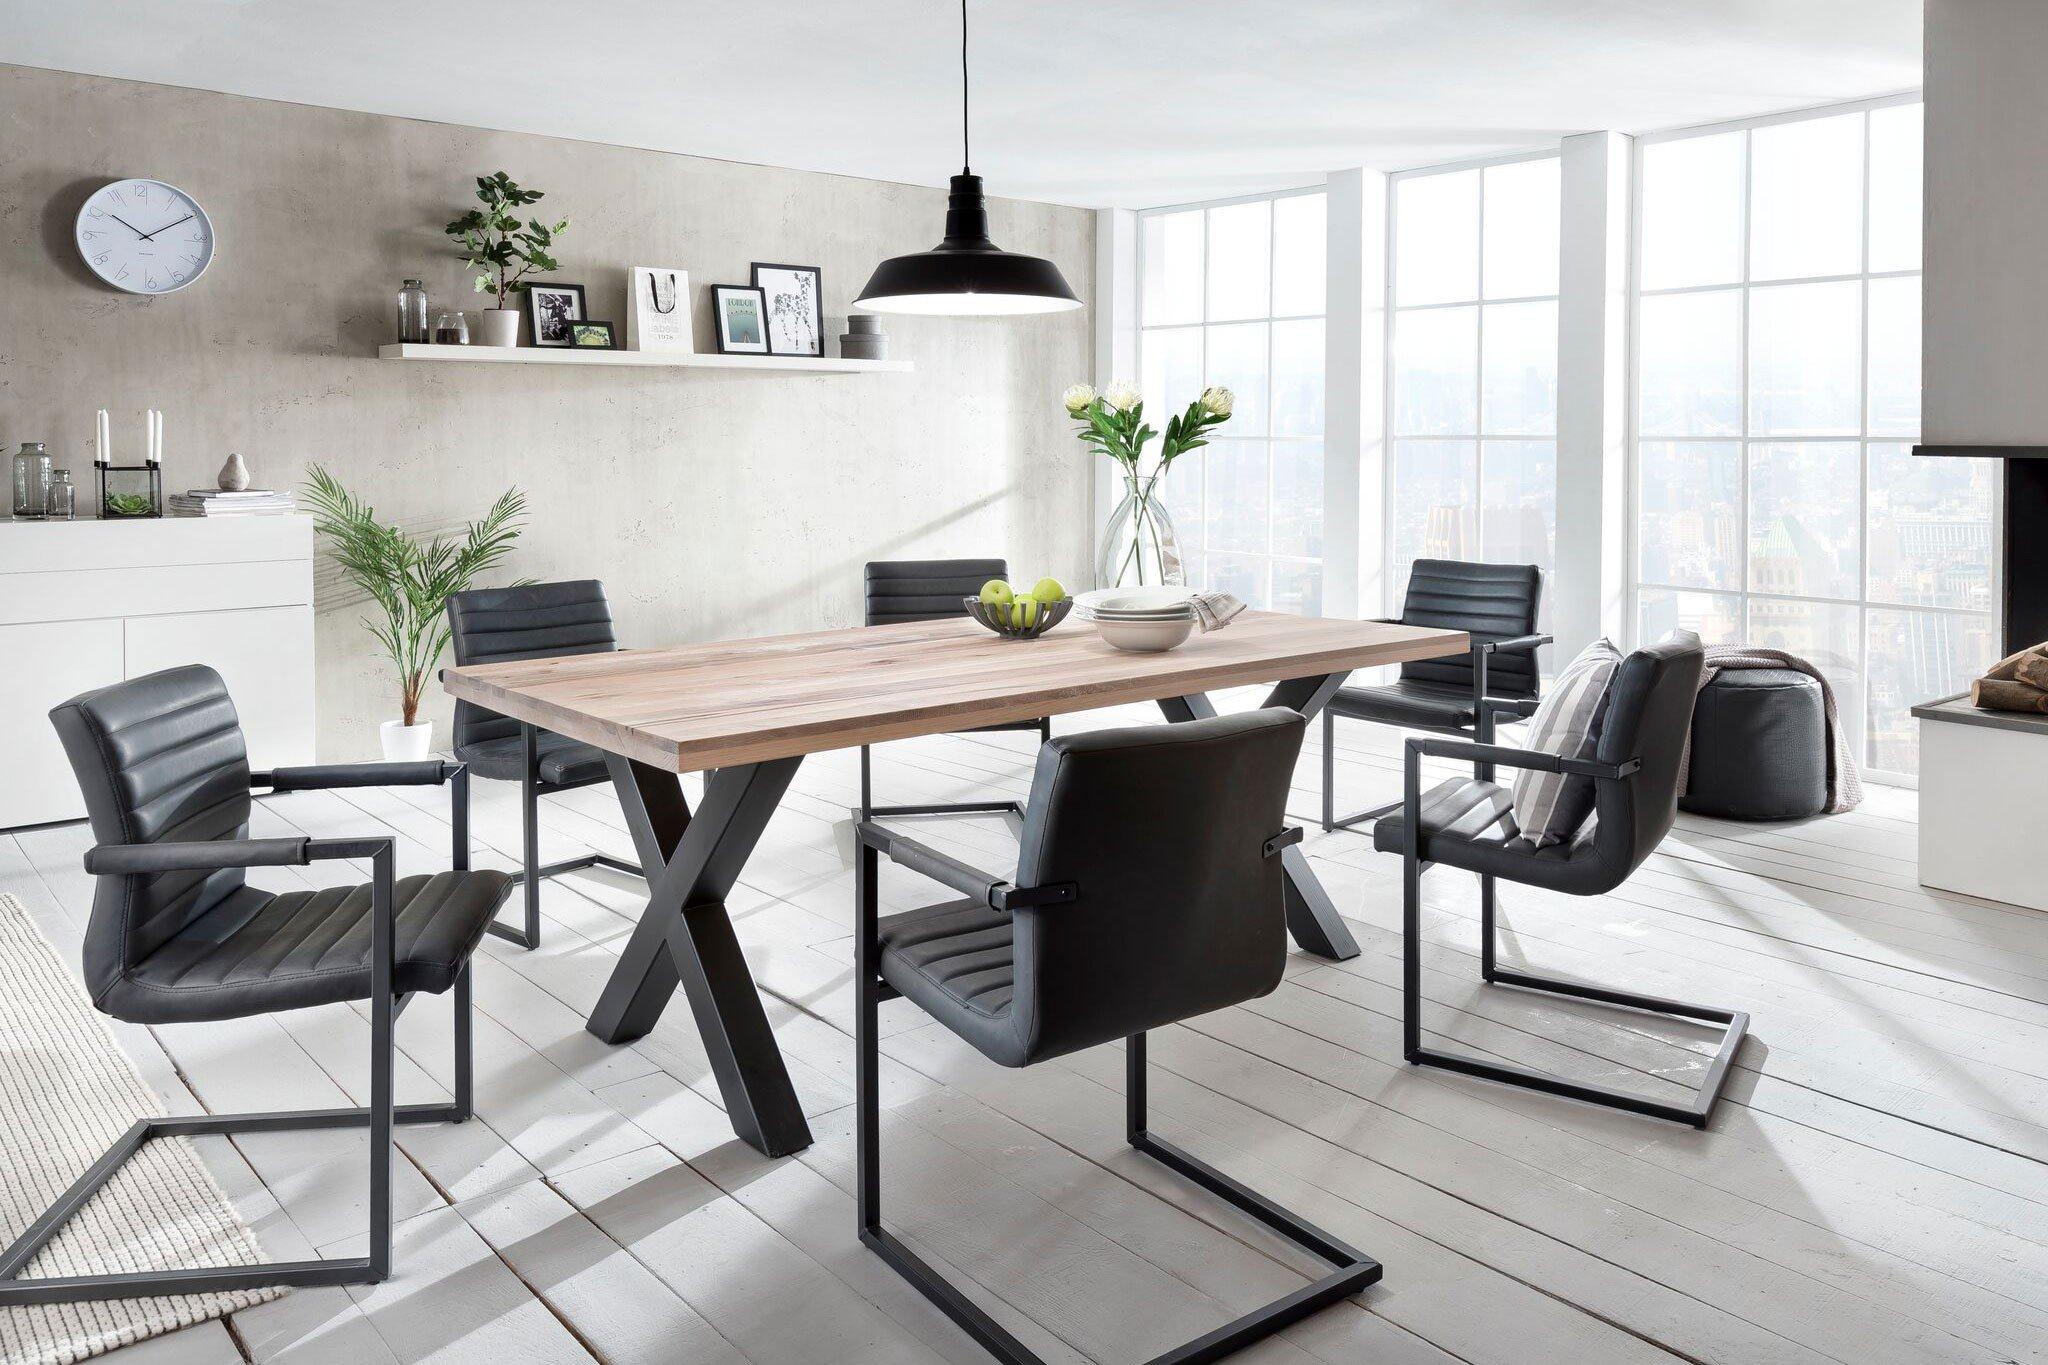 Wunderbar Kaufen Kücheninsel Online Kanada Galerie - Ideen Für Die ...